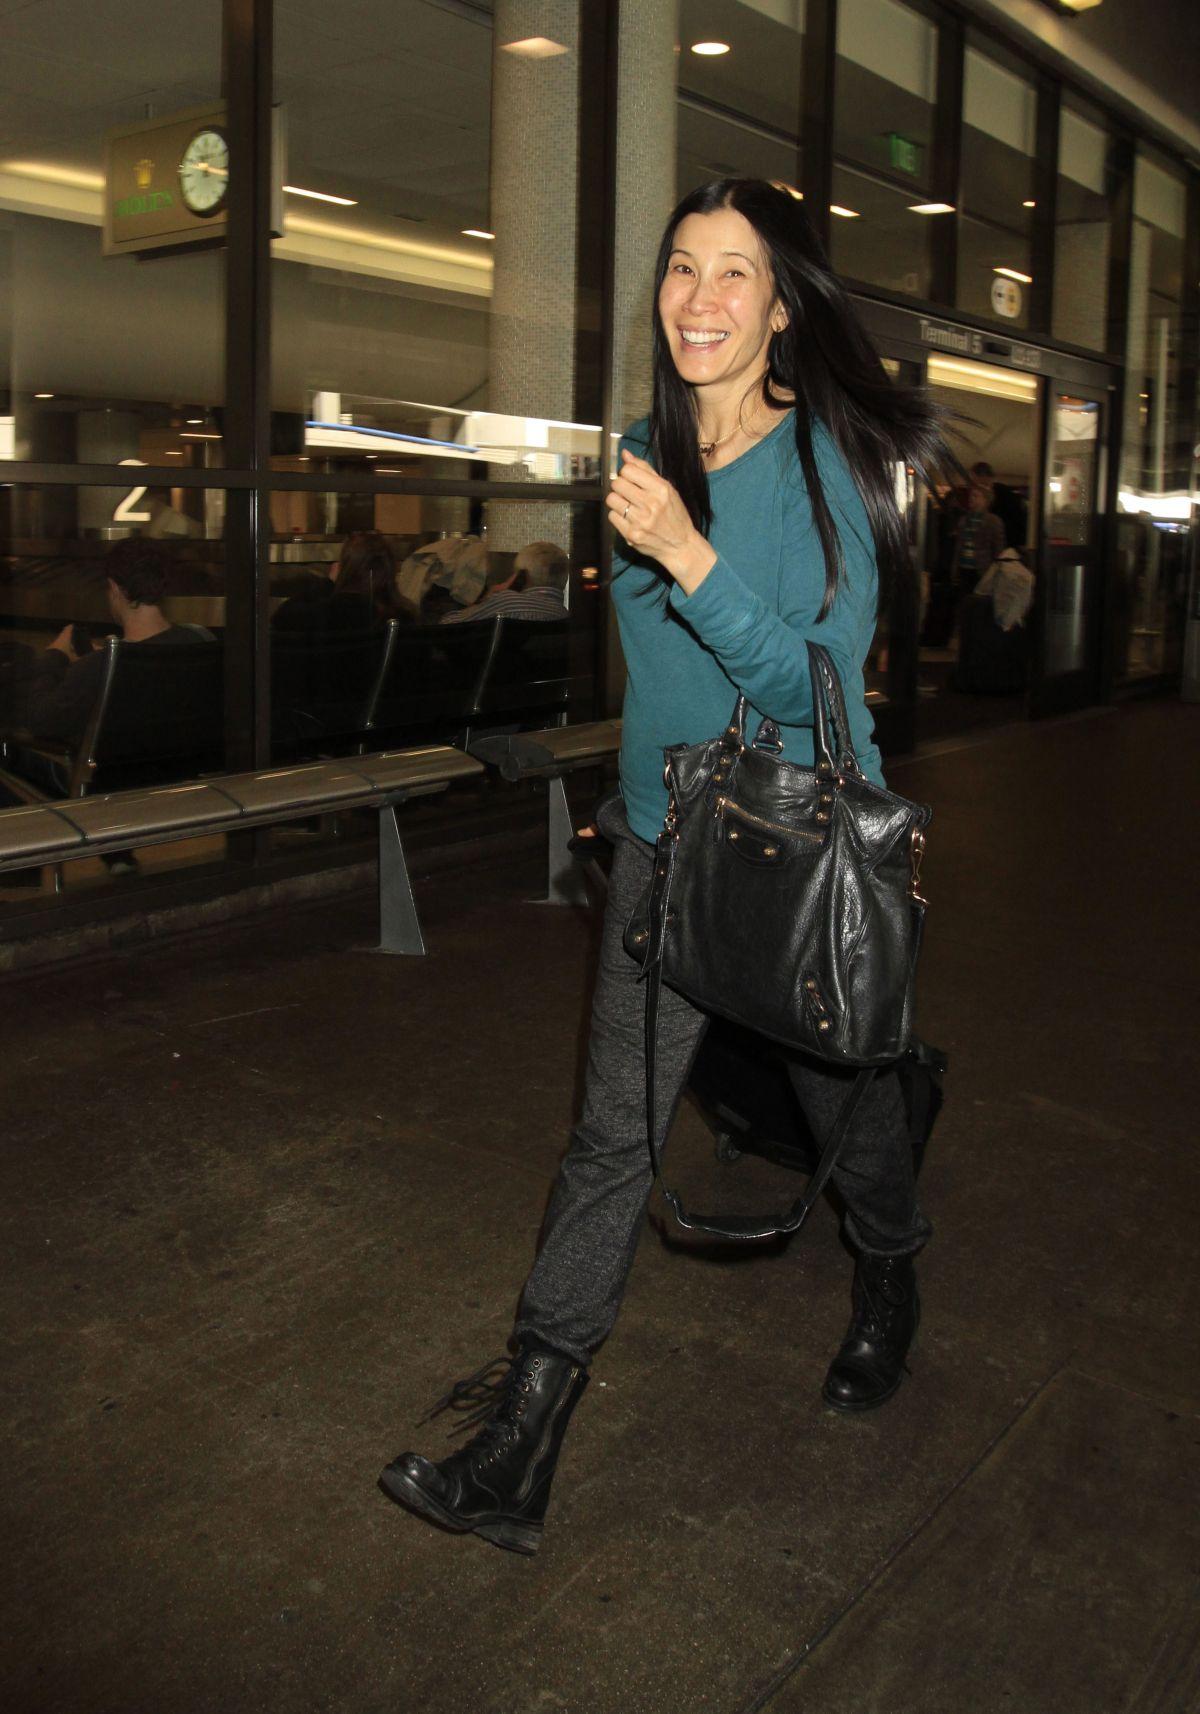 LISA LING at Los Angeles International Airport 03/09/2016